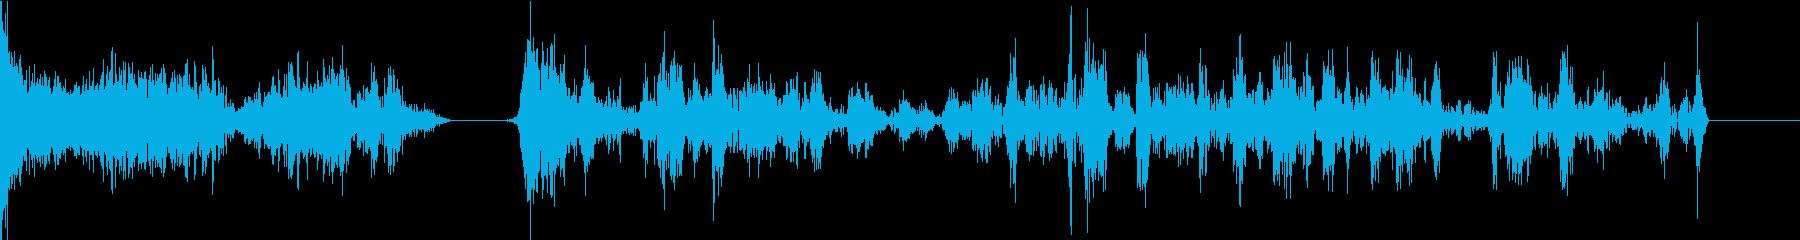 TVFX POPなザッピング音 10の再生済みの波形